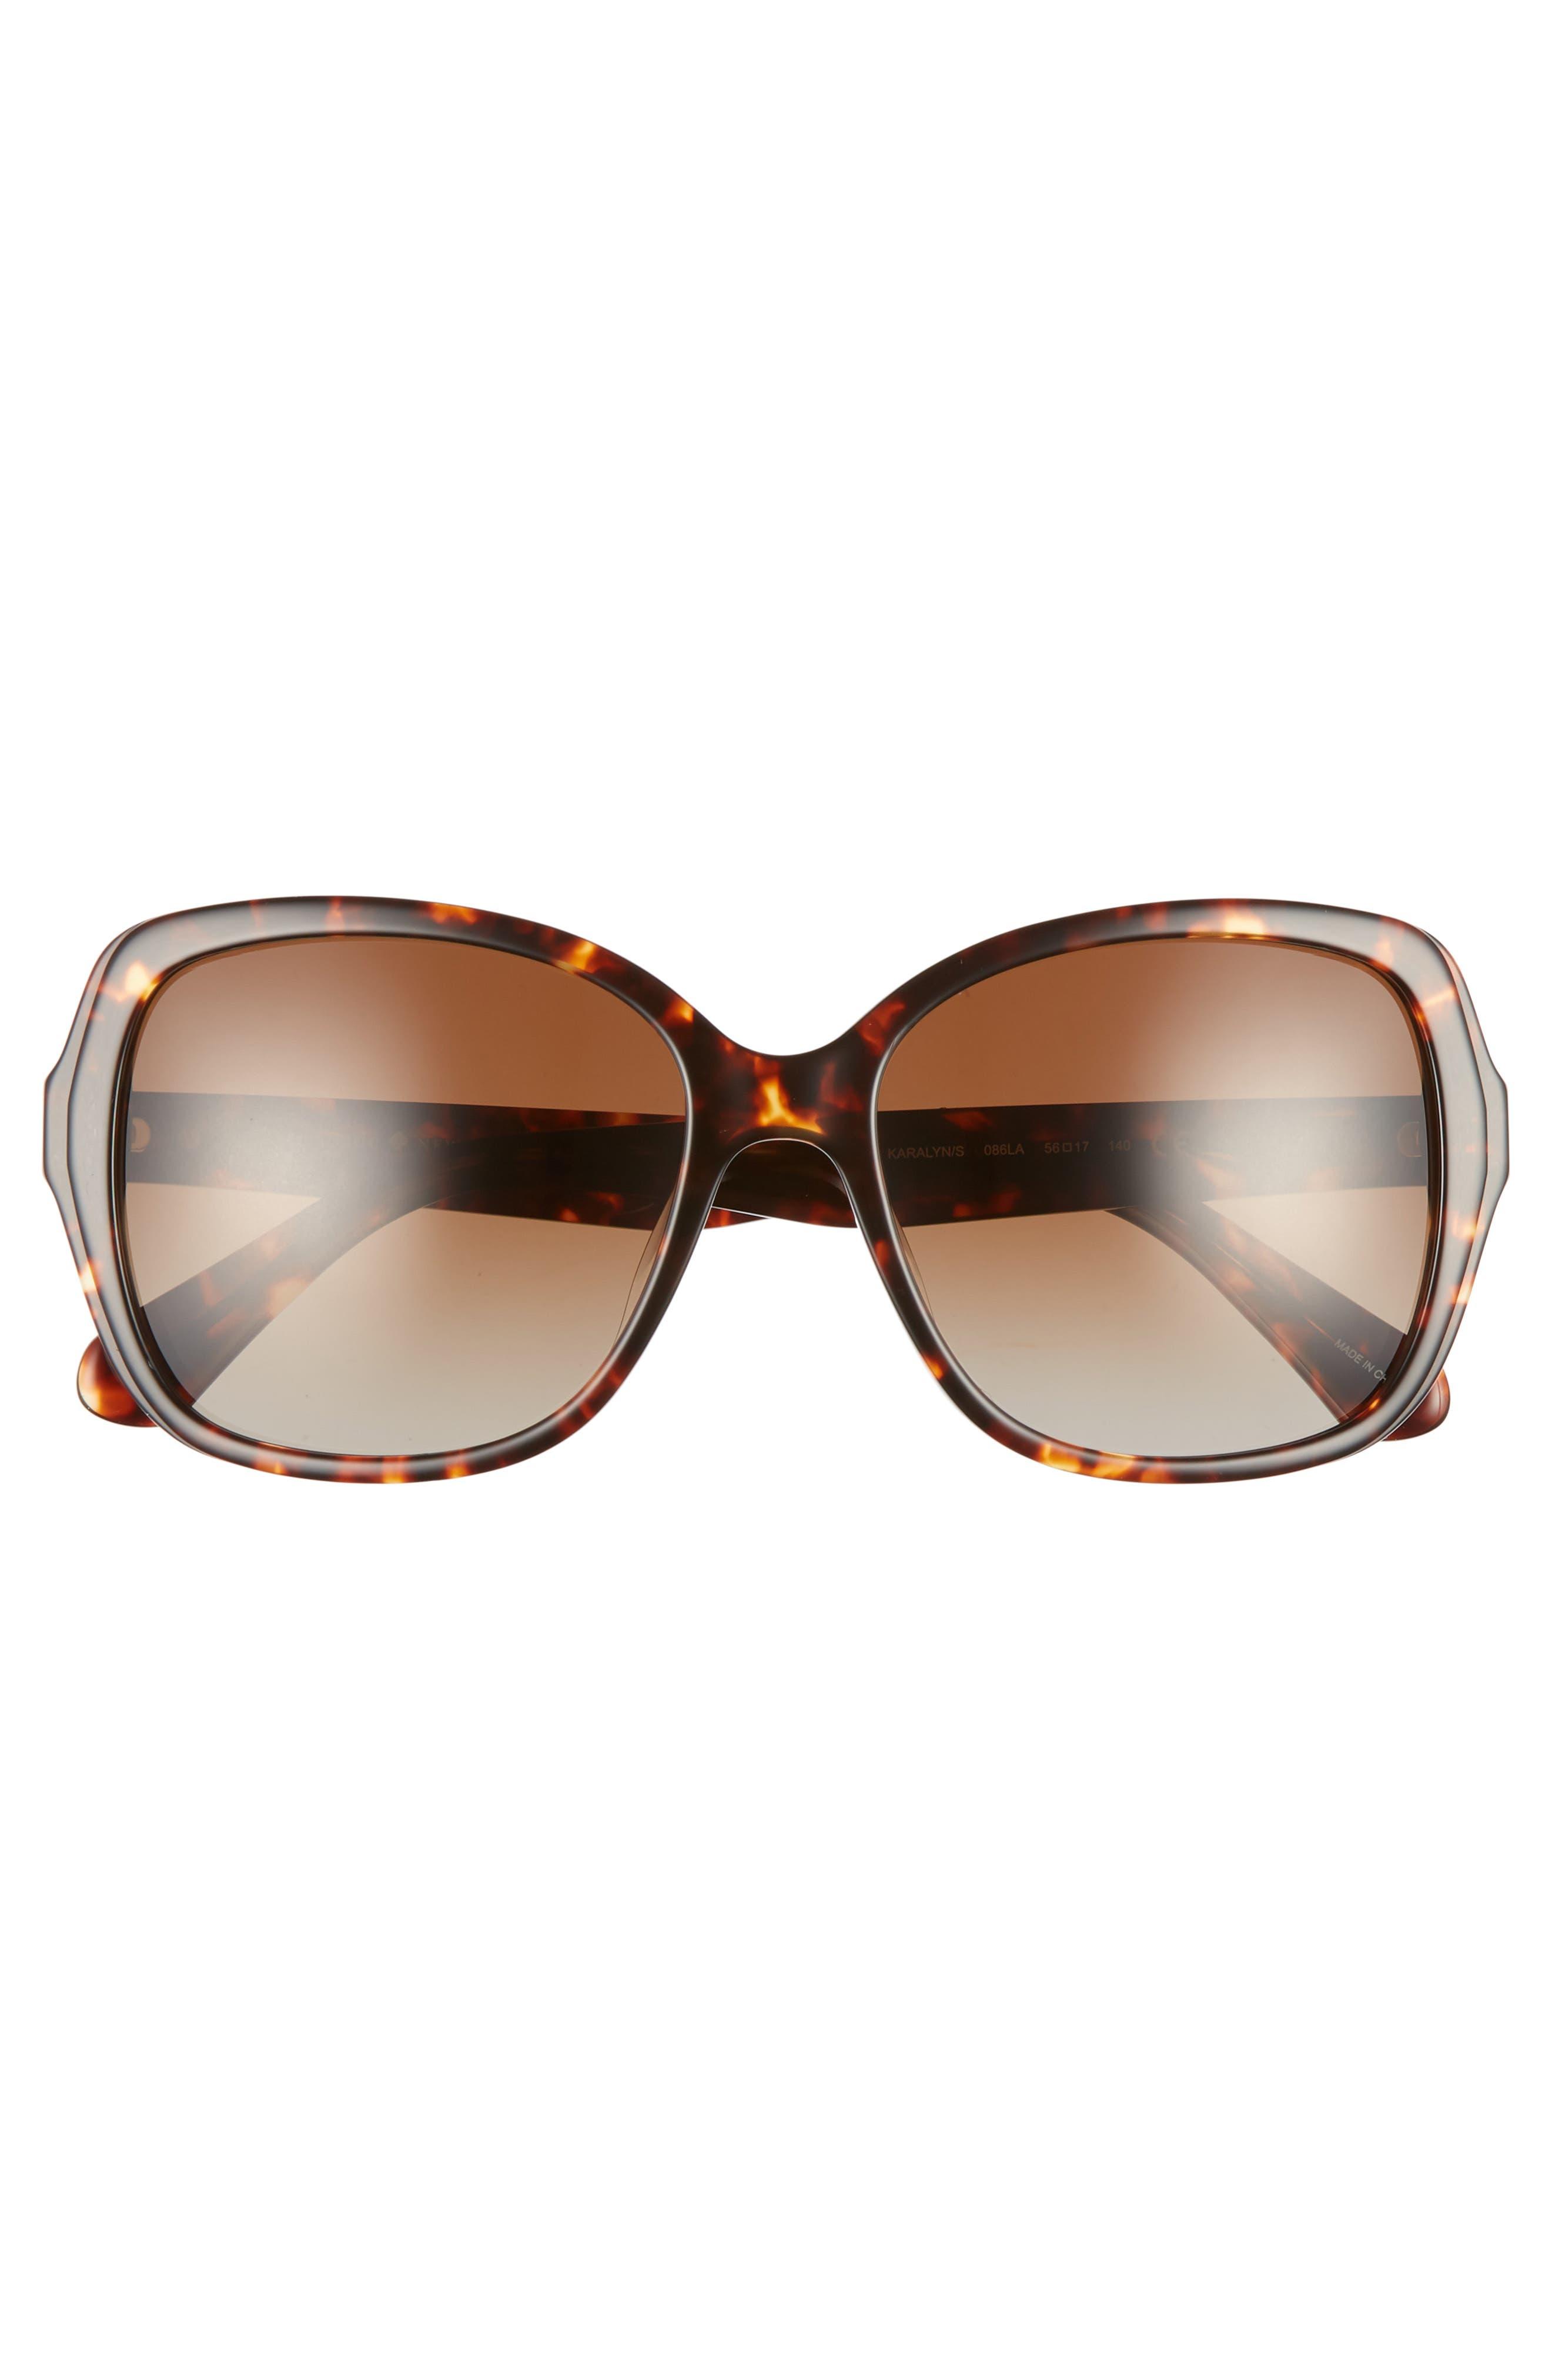 karalyns 56mm oversized sunglasses,                             Alternate thumbnail 3, color,                             DARK HAVANA